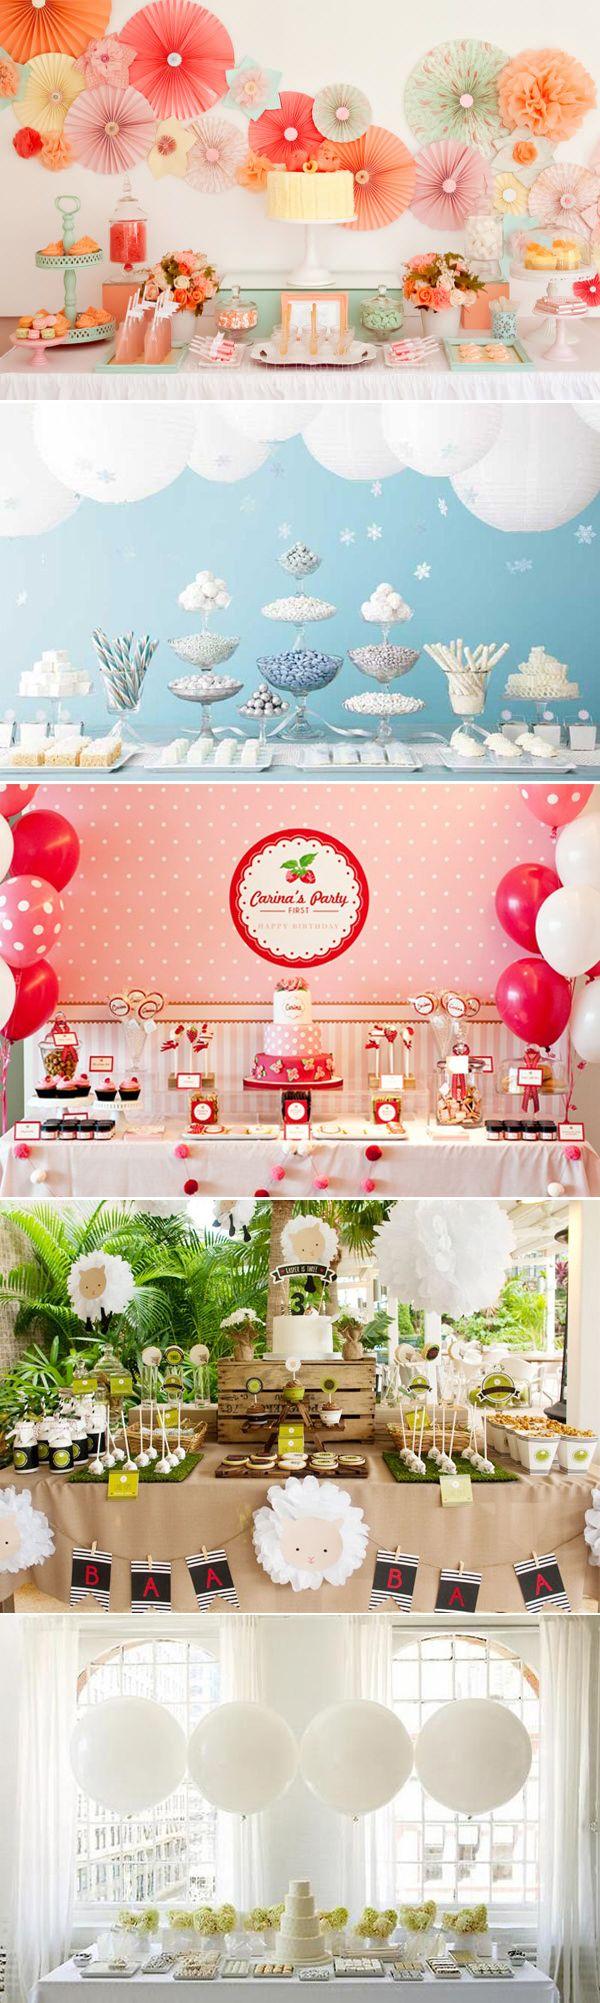 22 Lovely Dessert Table Designs - Amy Atlas